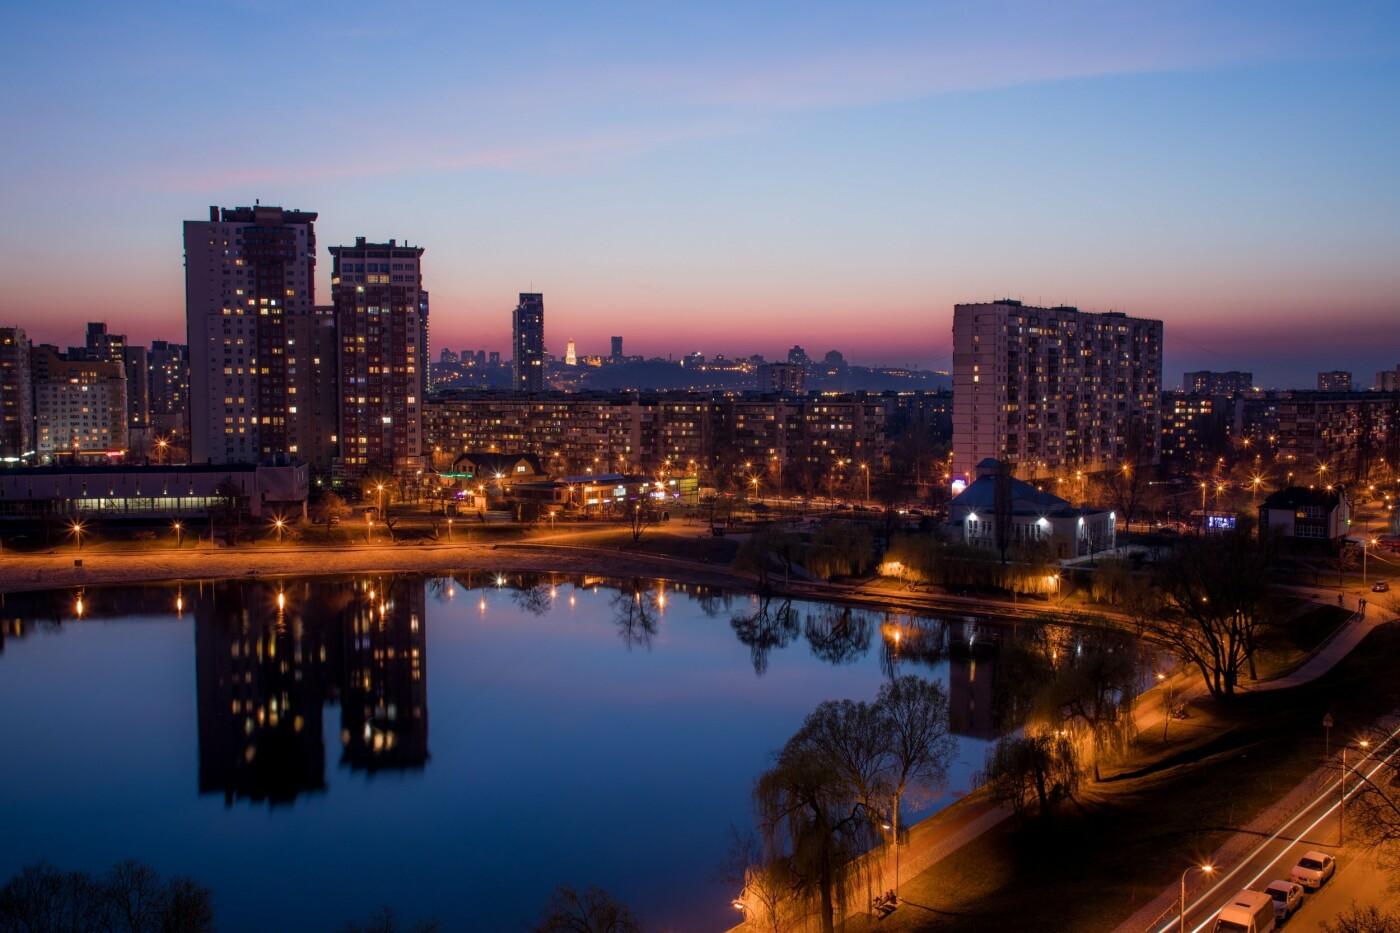 Березняки в Киеве: когда появился и как строился жилой массив, - ФОТО, ВИДЕО, Фото: Valentin Lytvynov